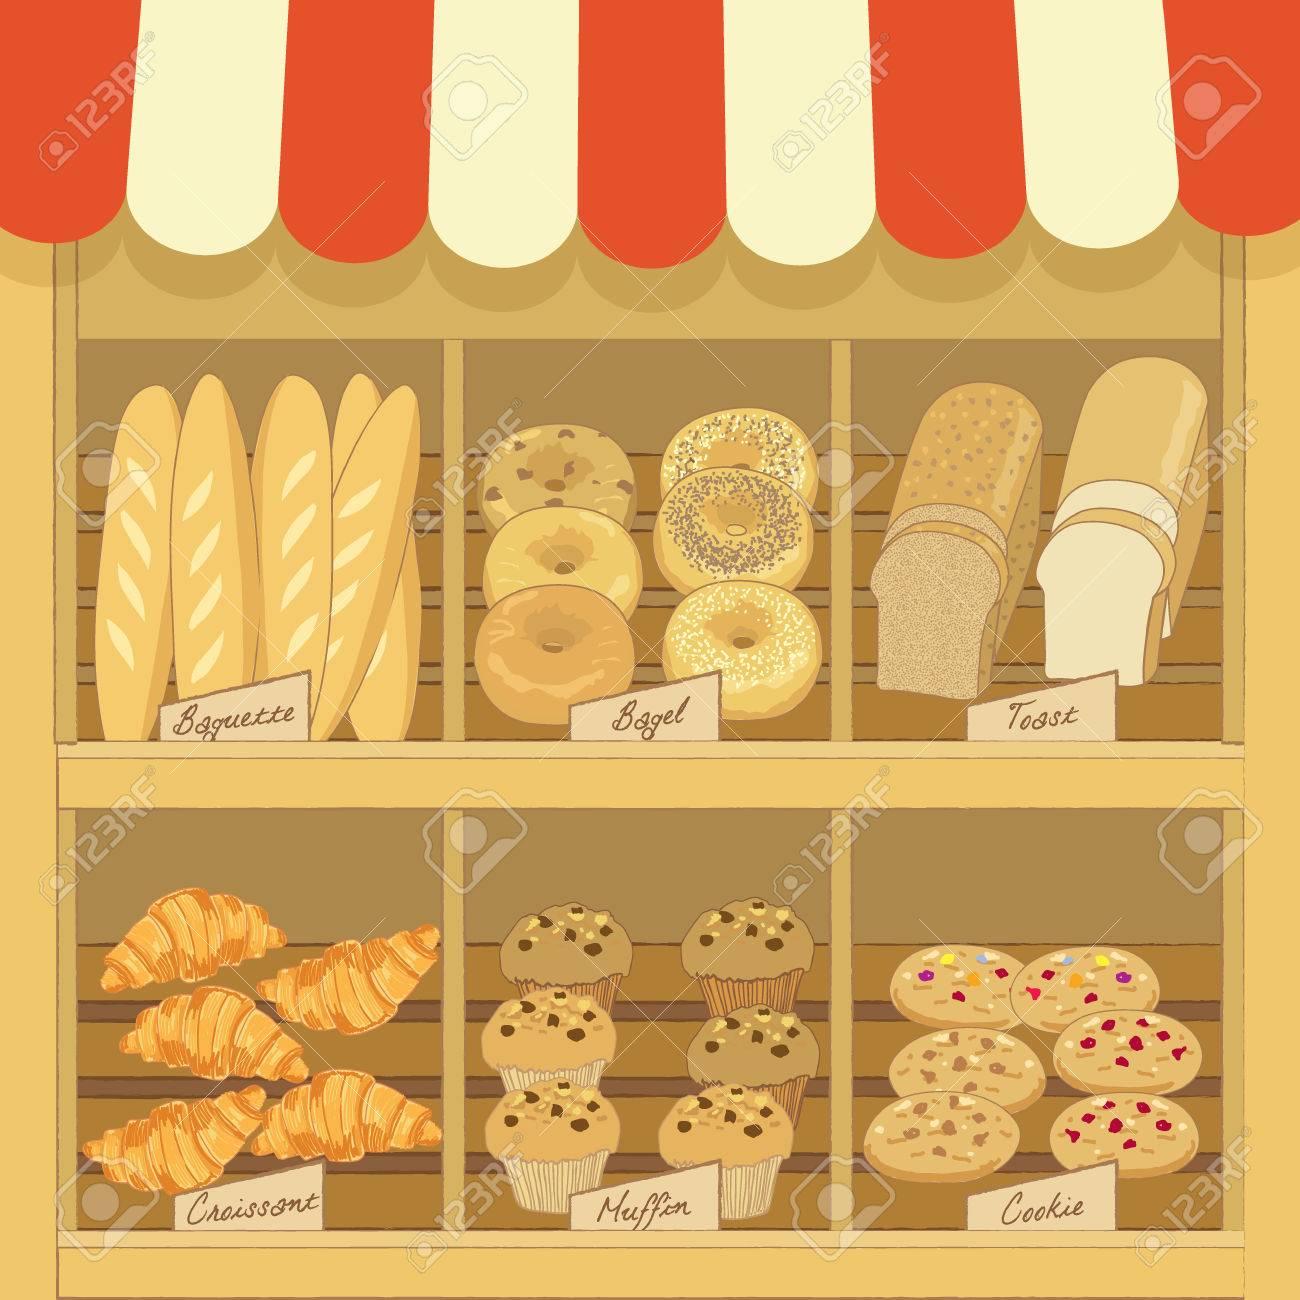 Recrutement Pour Employés Commerciaux Rayon Boulangerie h/f